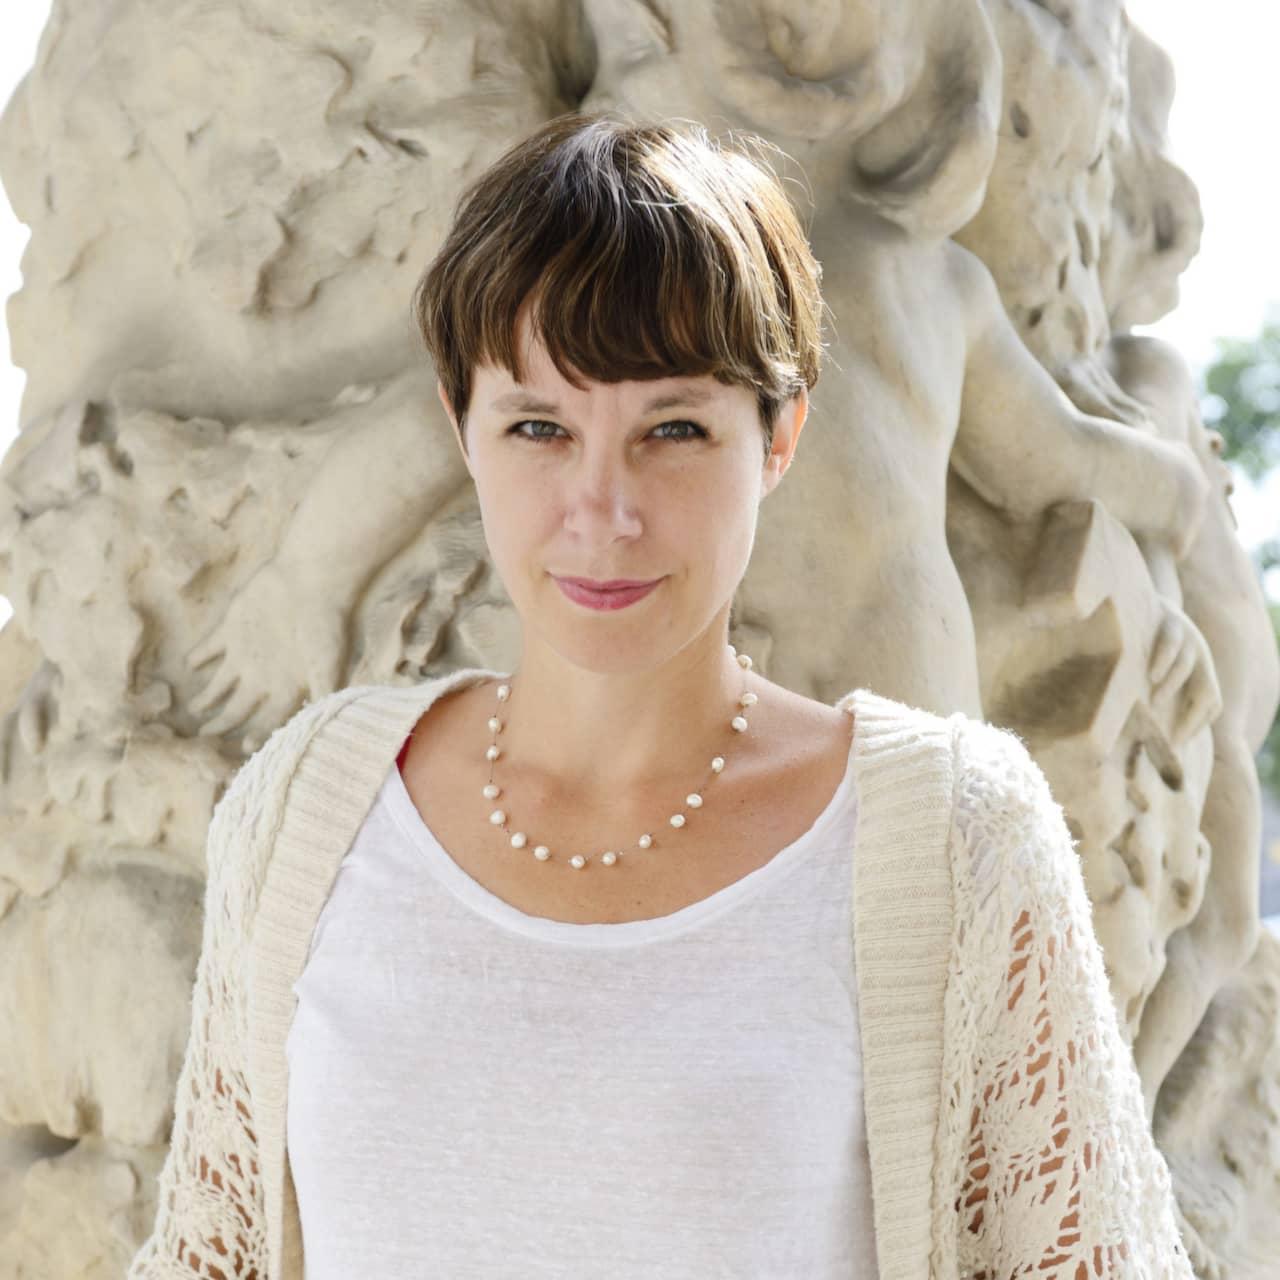 54. Sara Stridsberg